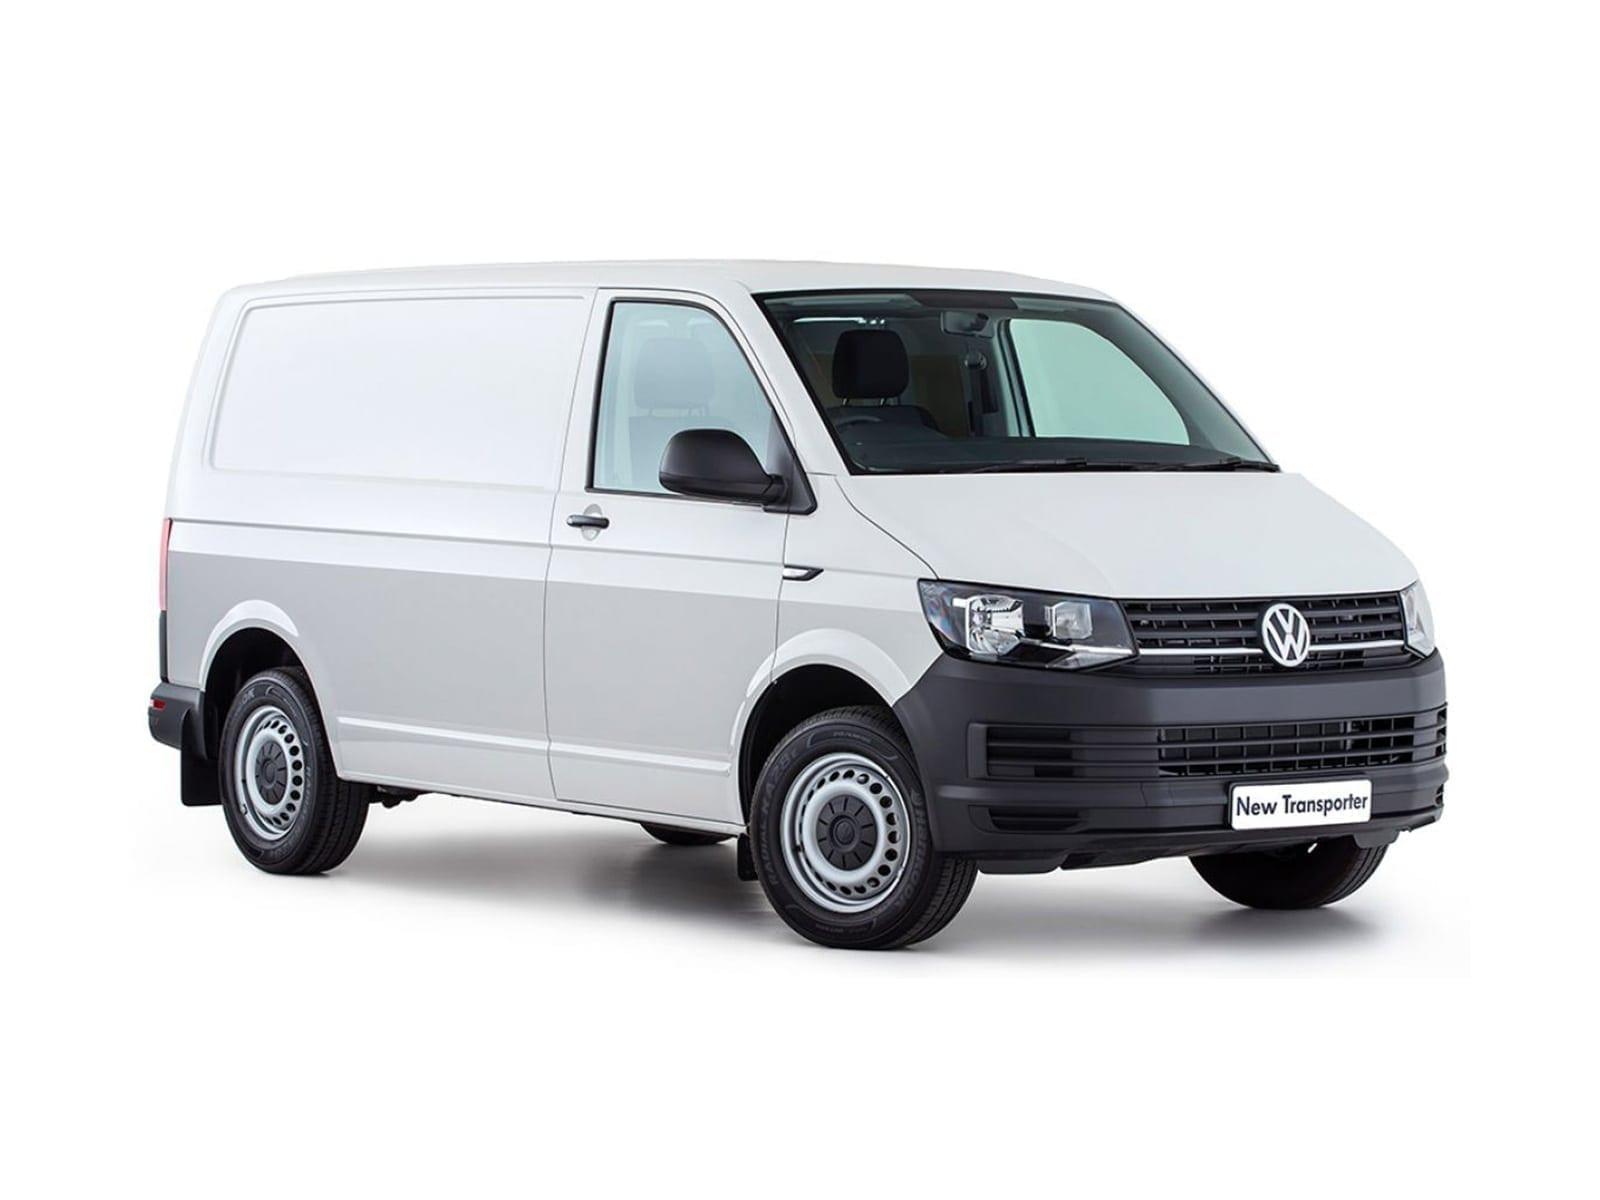 vw transporter startline swiss vans. Black Bedroom Furniture Sets. Home Design Ideas